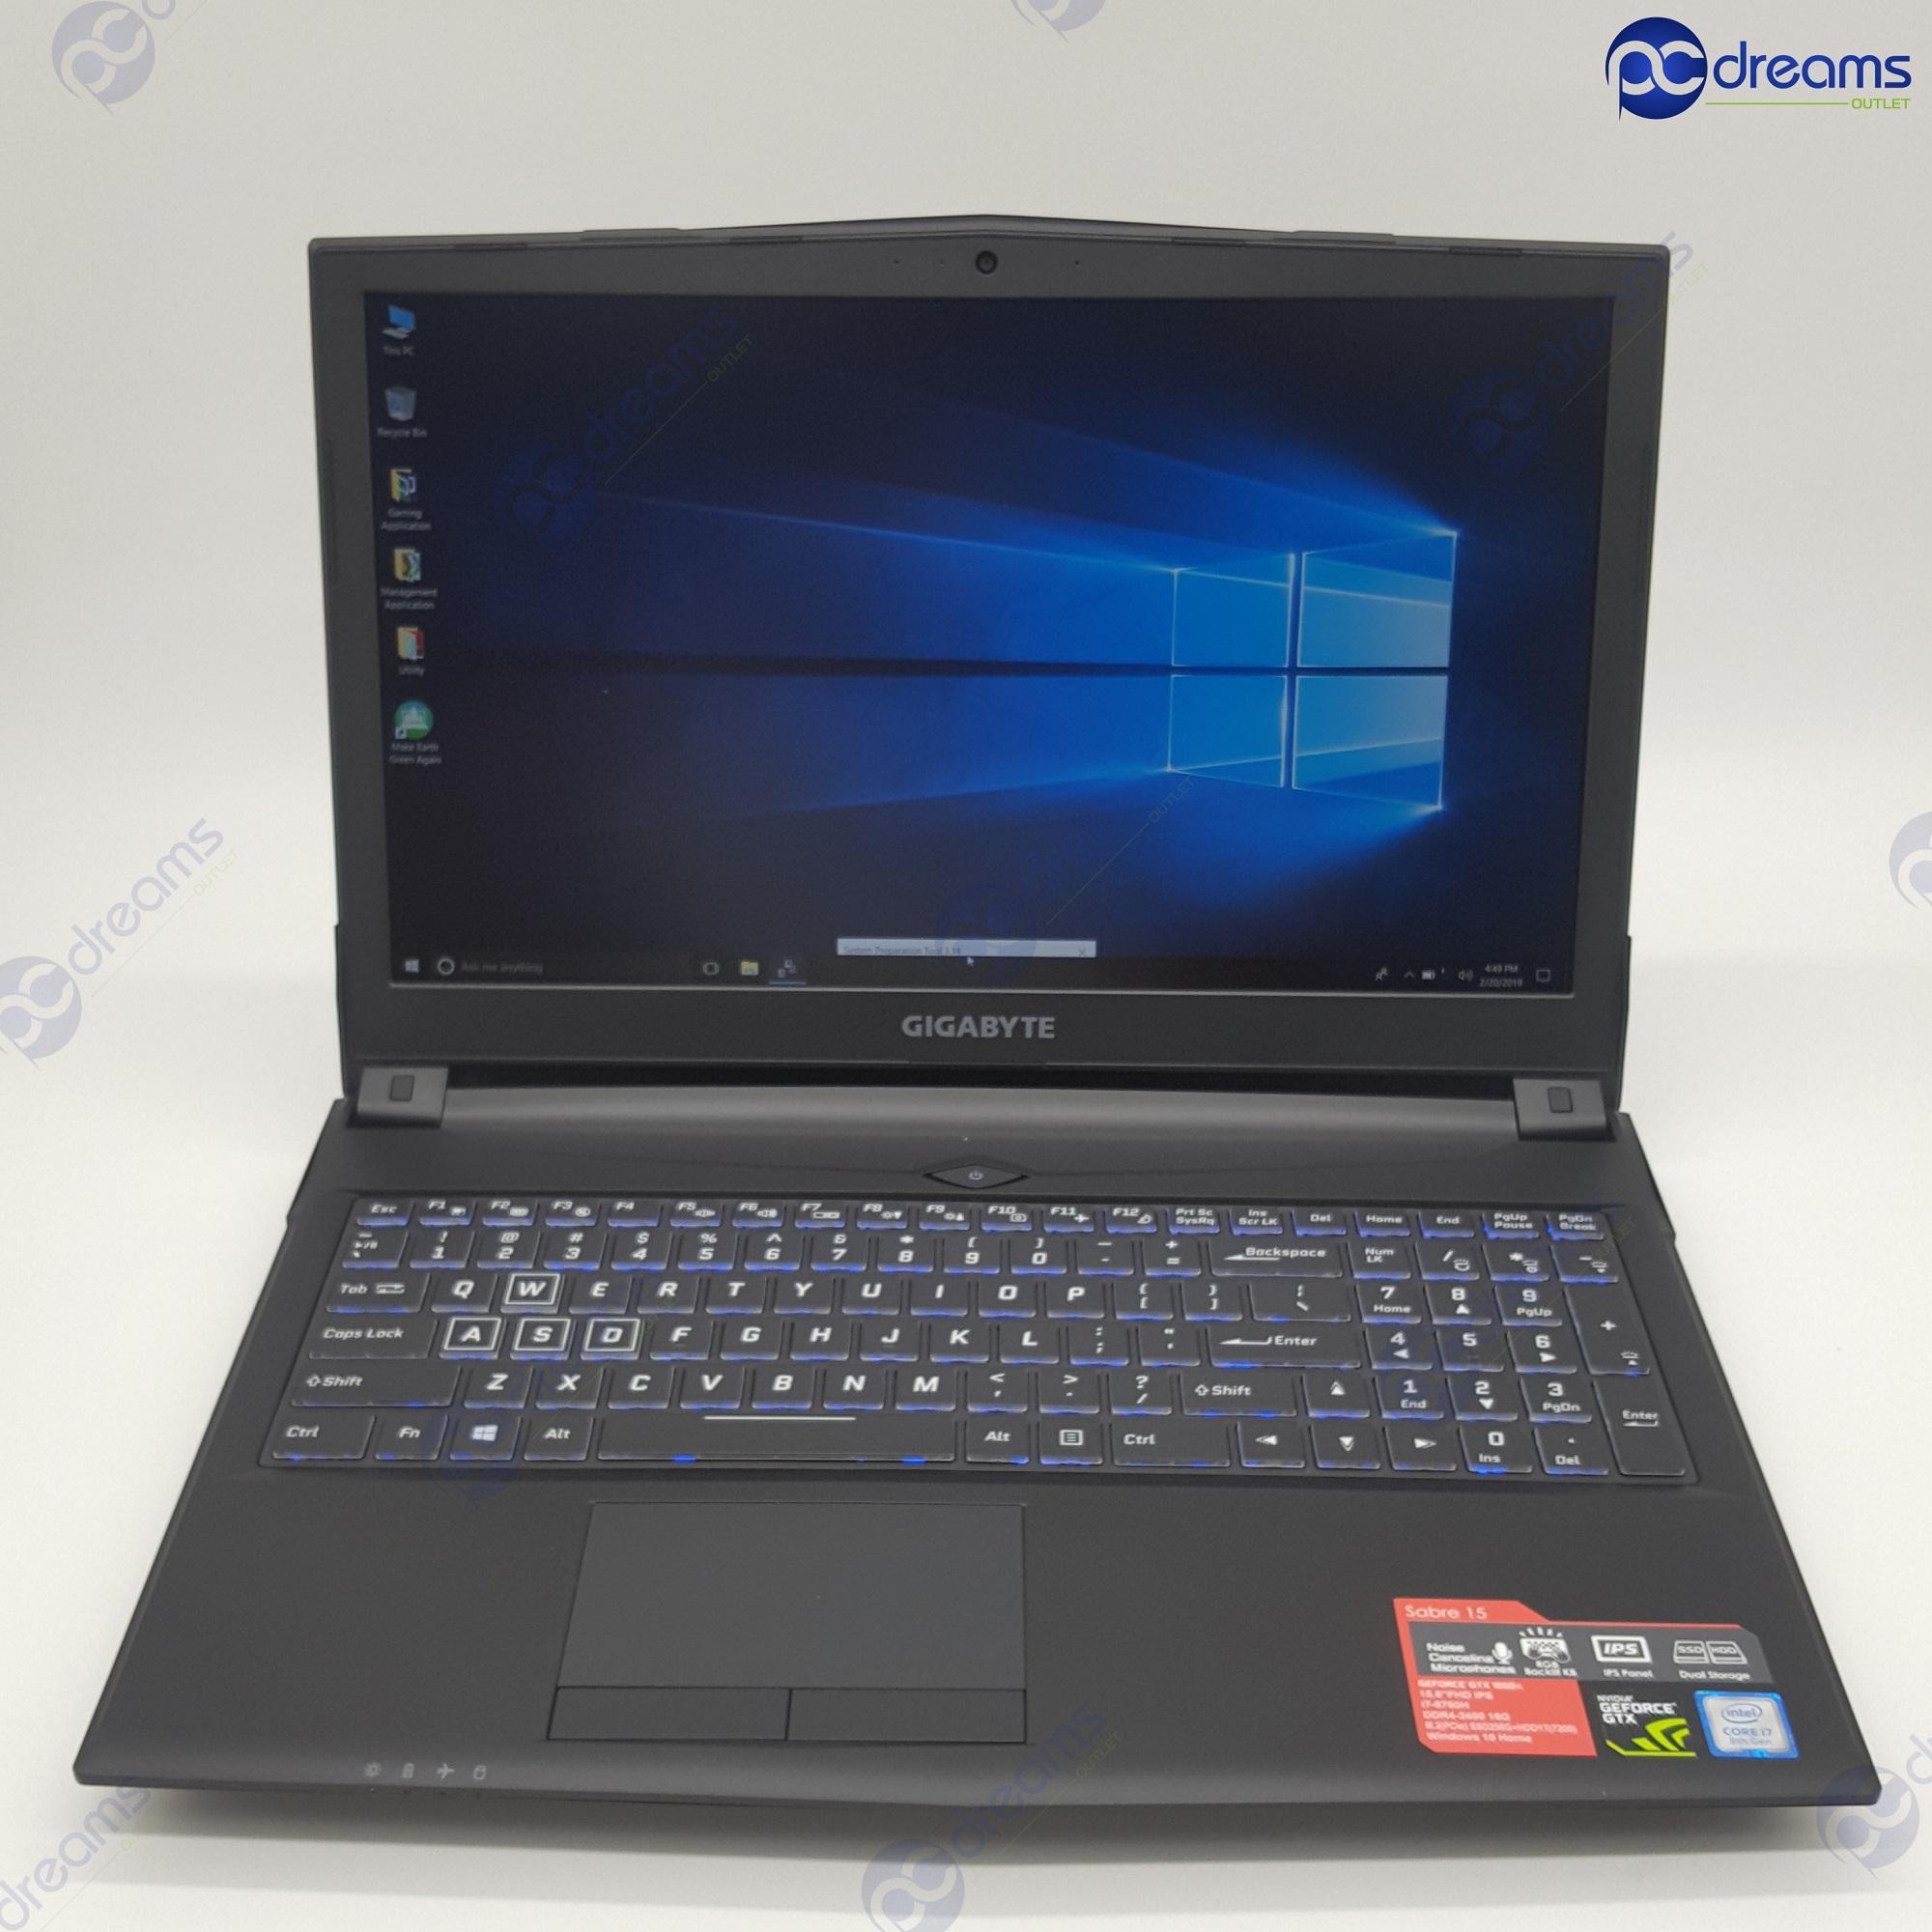 GIGABYTE SABRE 15-K8 i7-8750H/16GB/256GB PCIe SSD+1TB HDD/GTX1050Ti [Premium Refreshed]